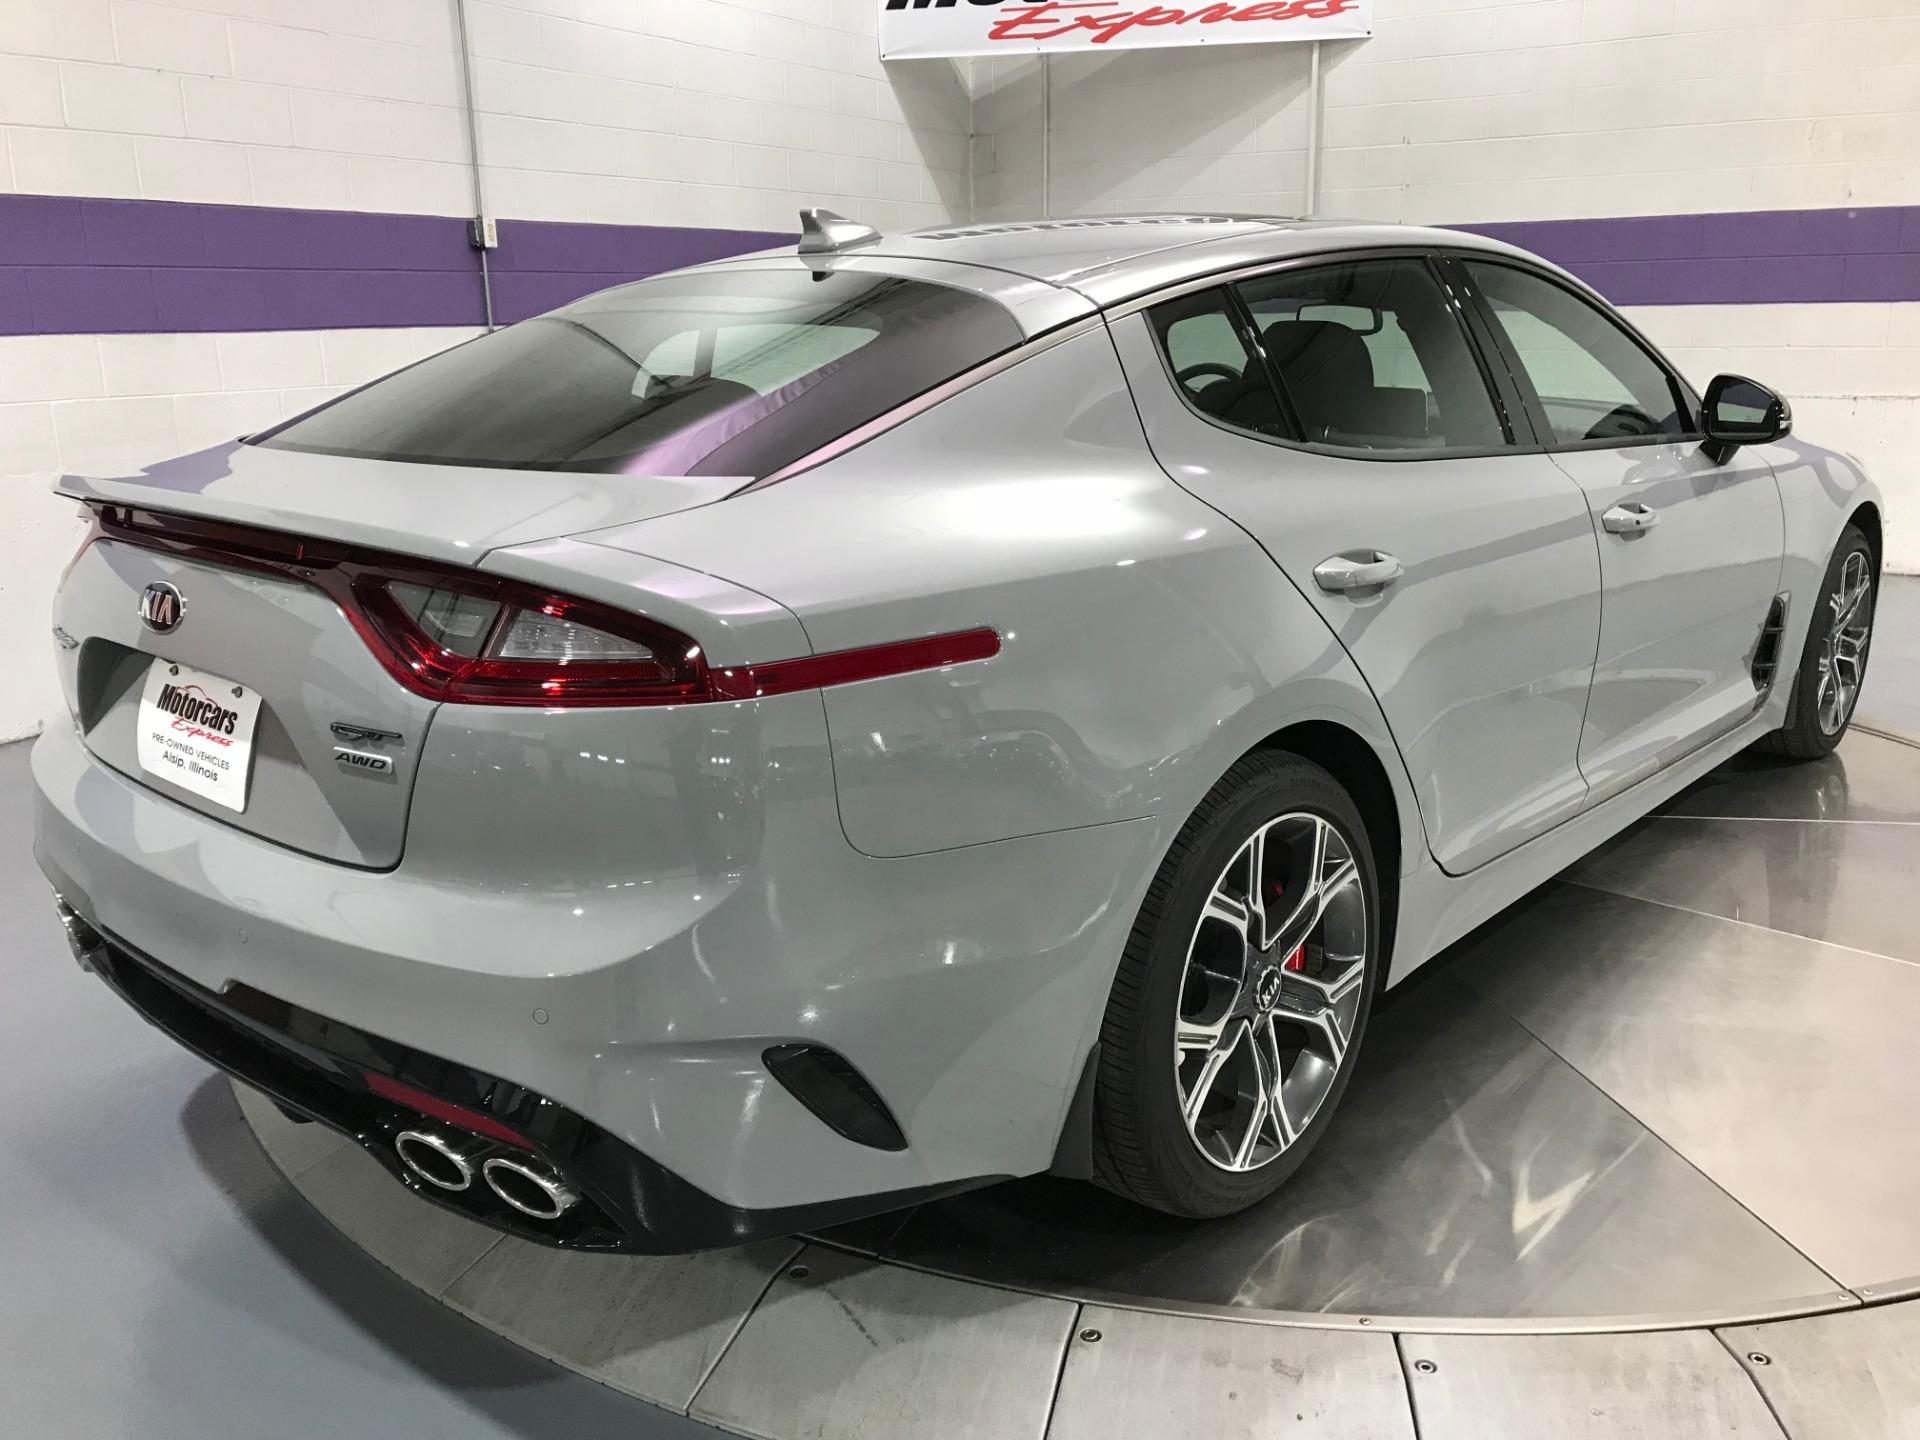 Kia Near Me >> 2018 Kia Stinger GT1 Stock # 24492 for sale near Alsip, IL ...